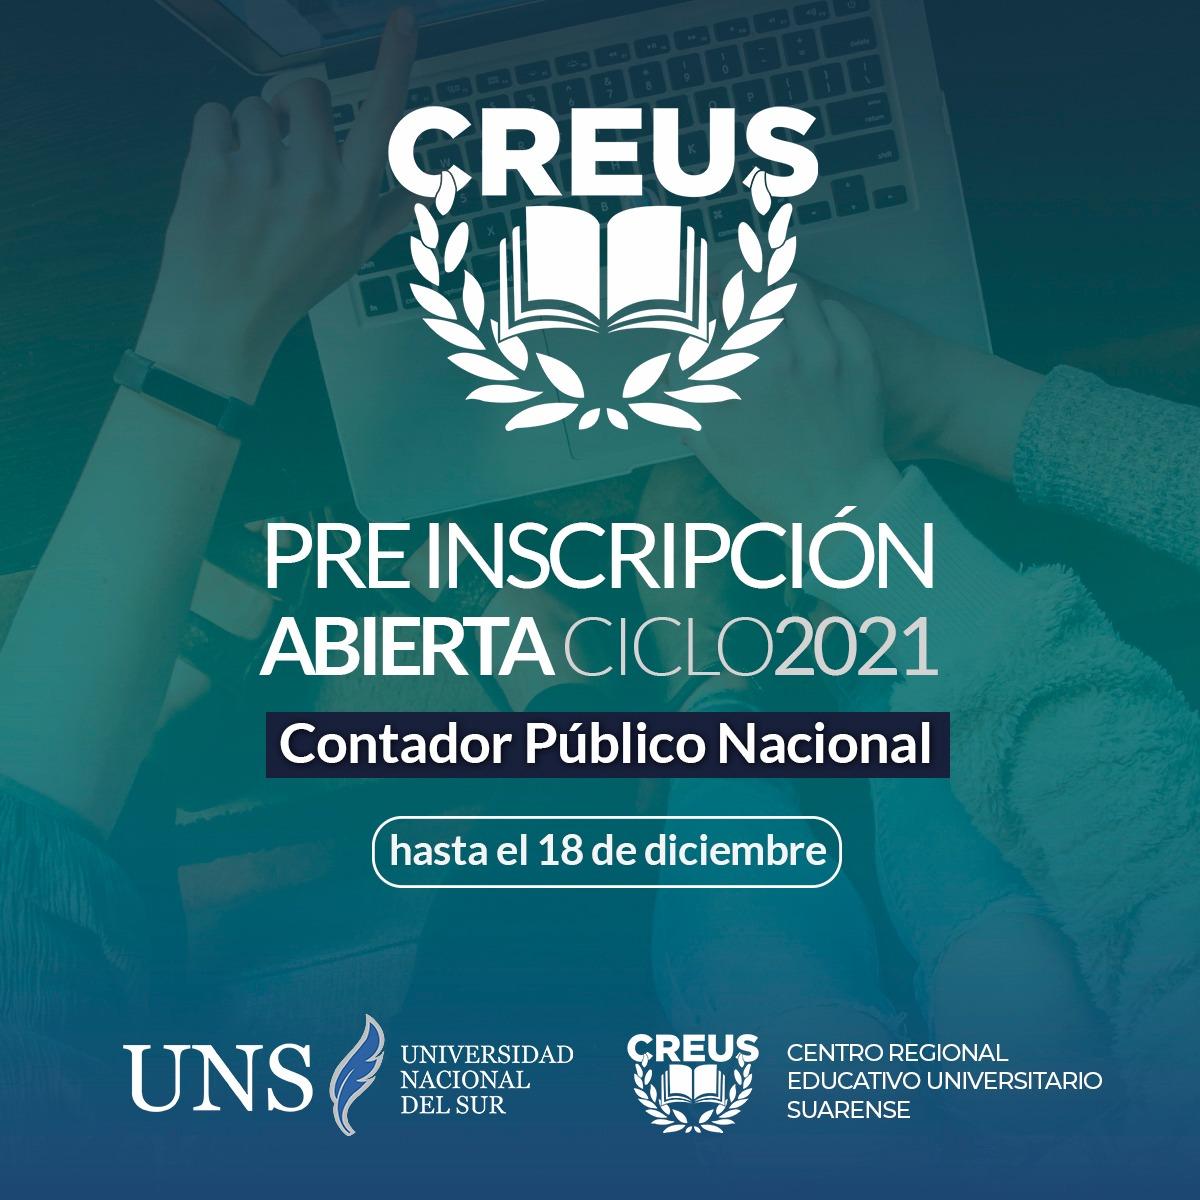 INGRESO 2021 CREUS-UNS:  Está abierta la pre-inscripción para la carrera de Contador Público 2021